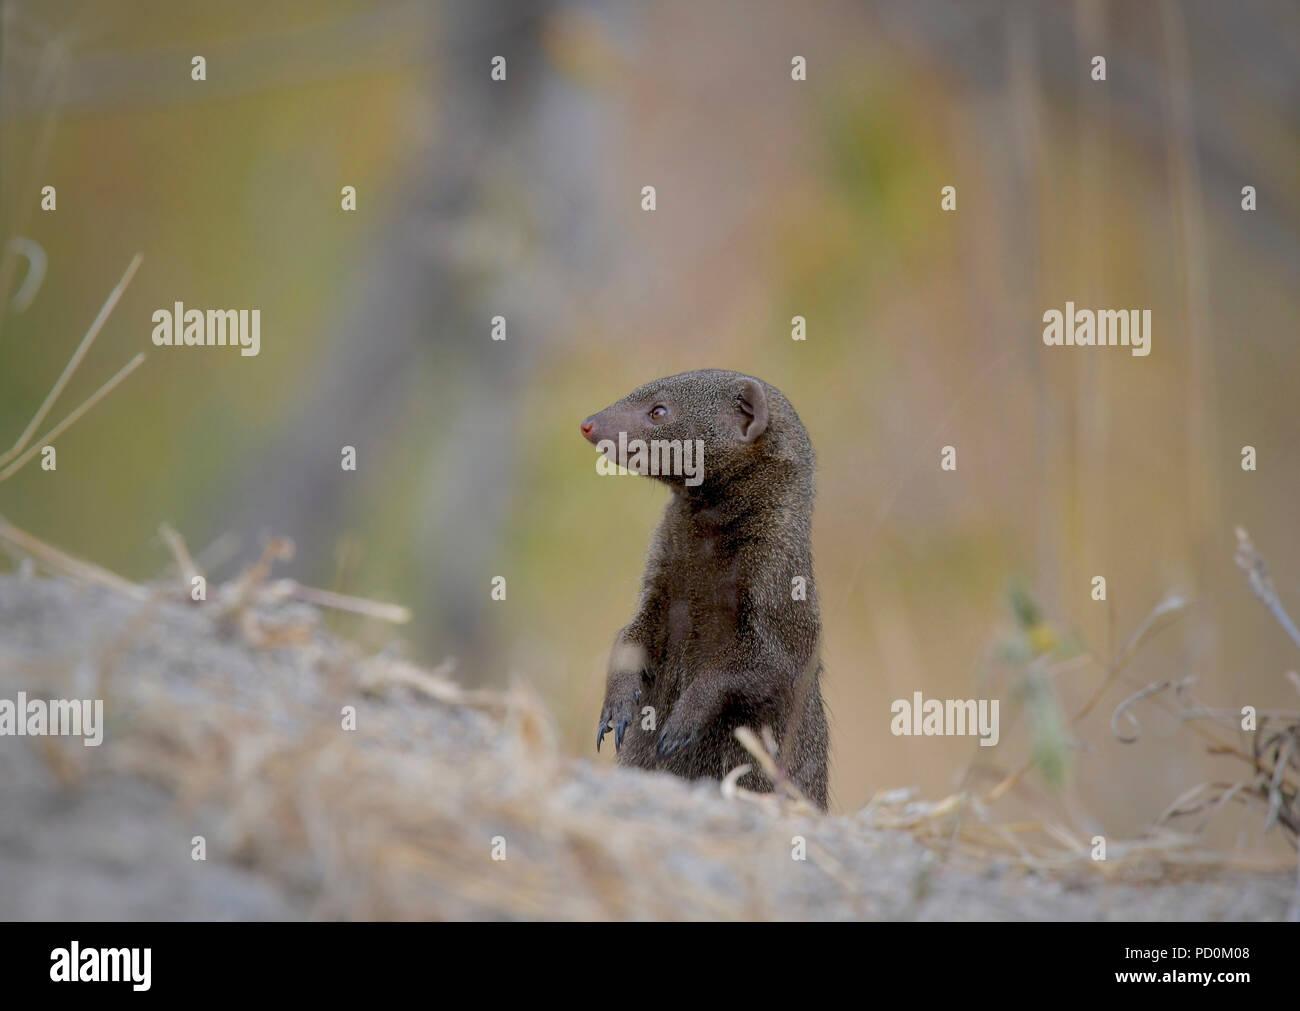 Un enano mangosta está alerta sobre sus pies traseros, mirando o enemigos en el Parque Nacional Kruger, Sudáfrica Imagen De Stock